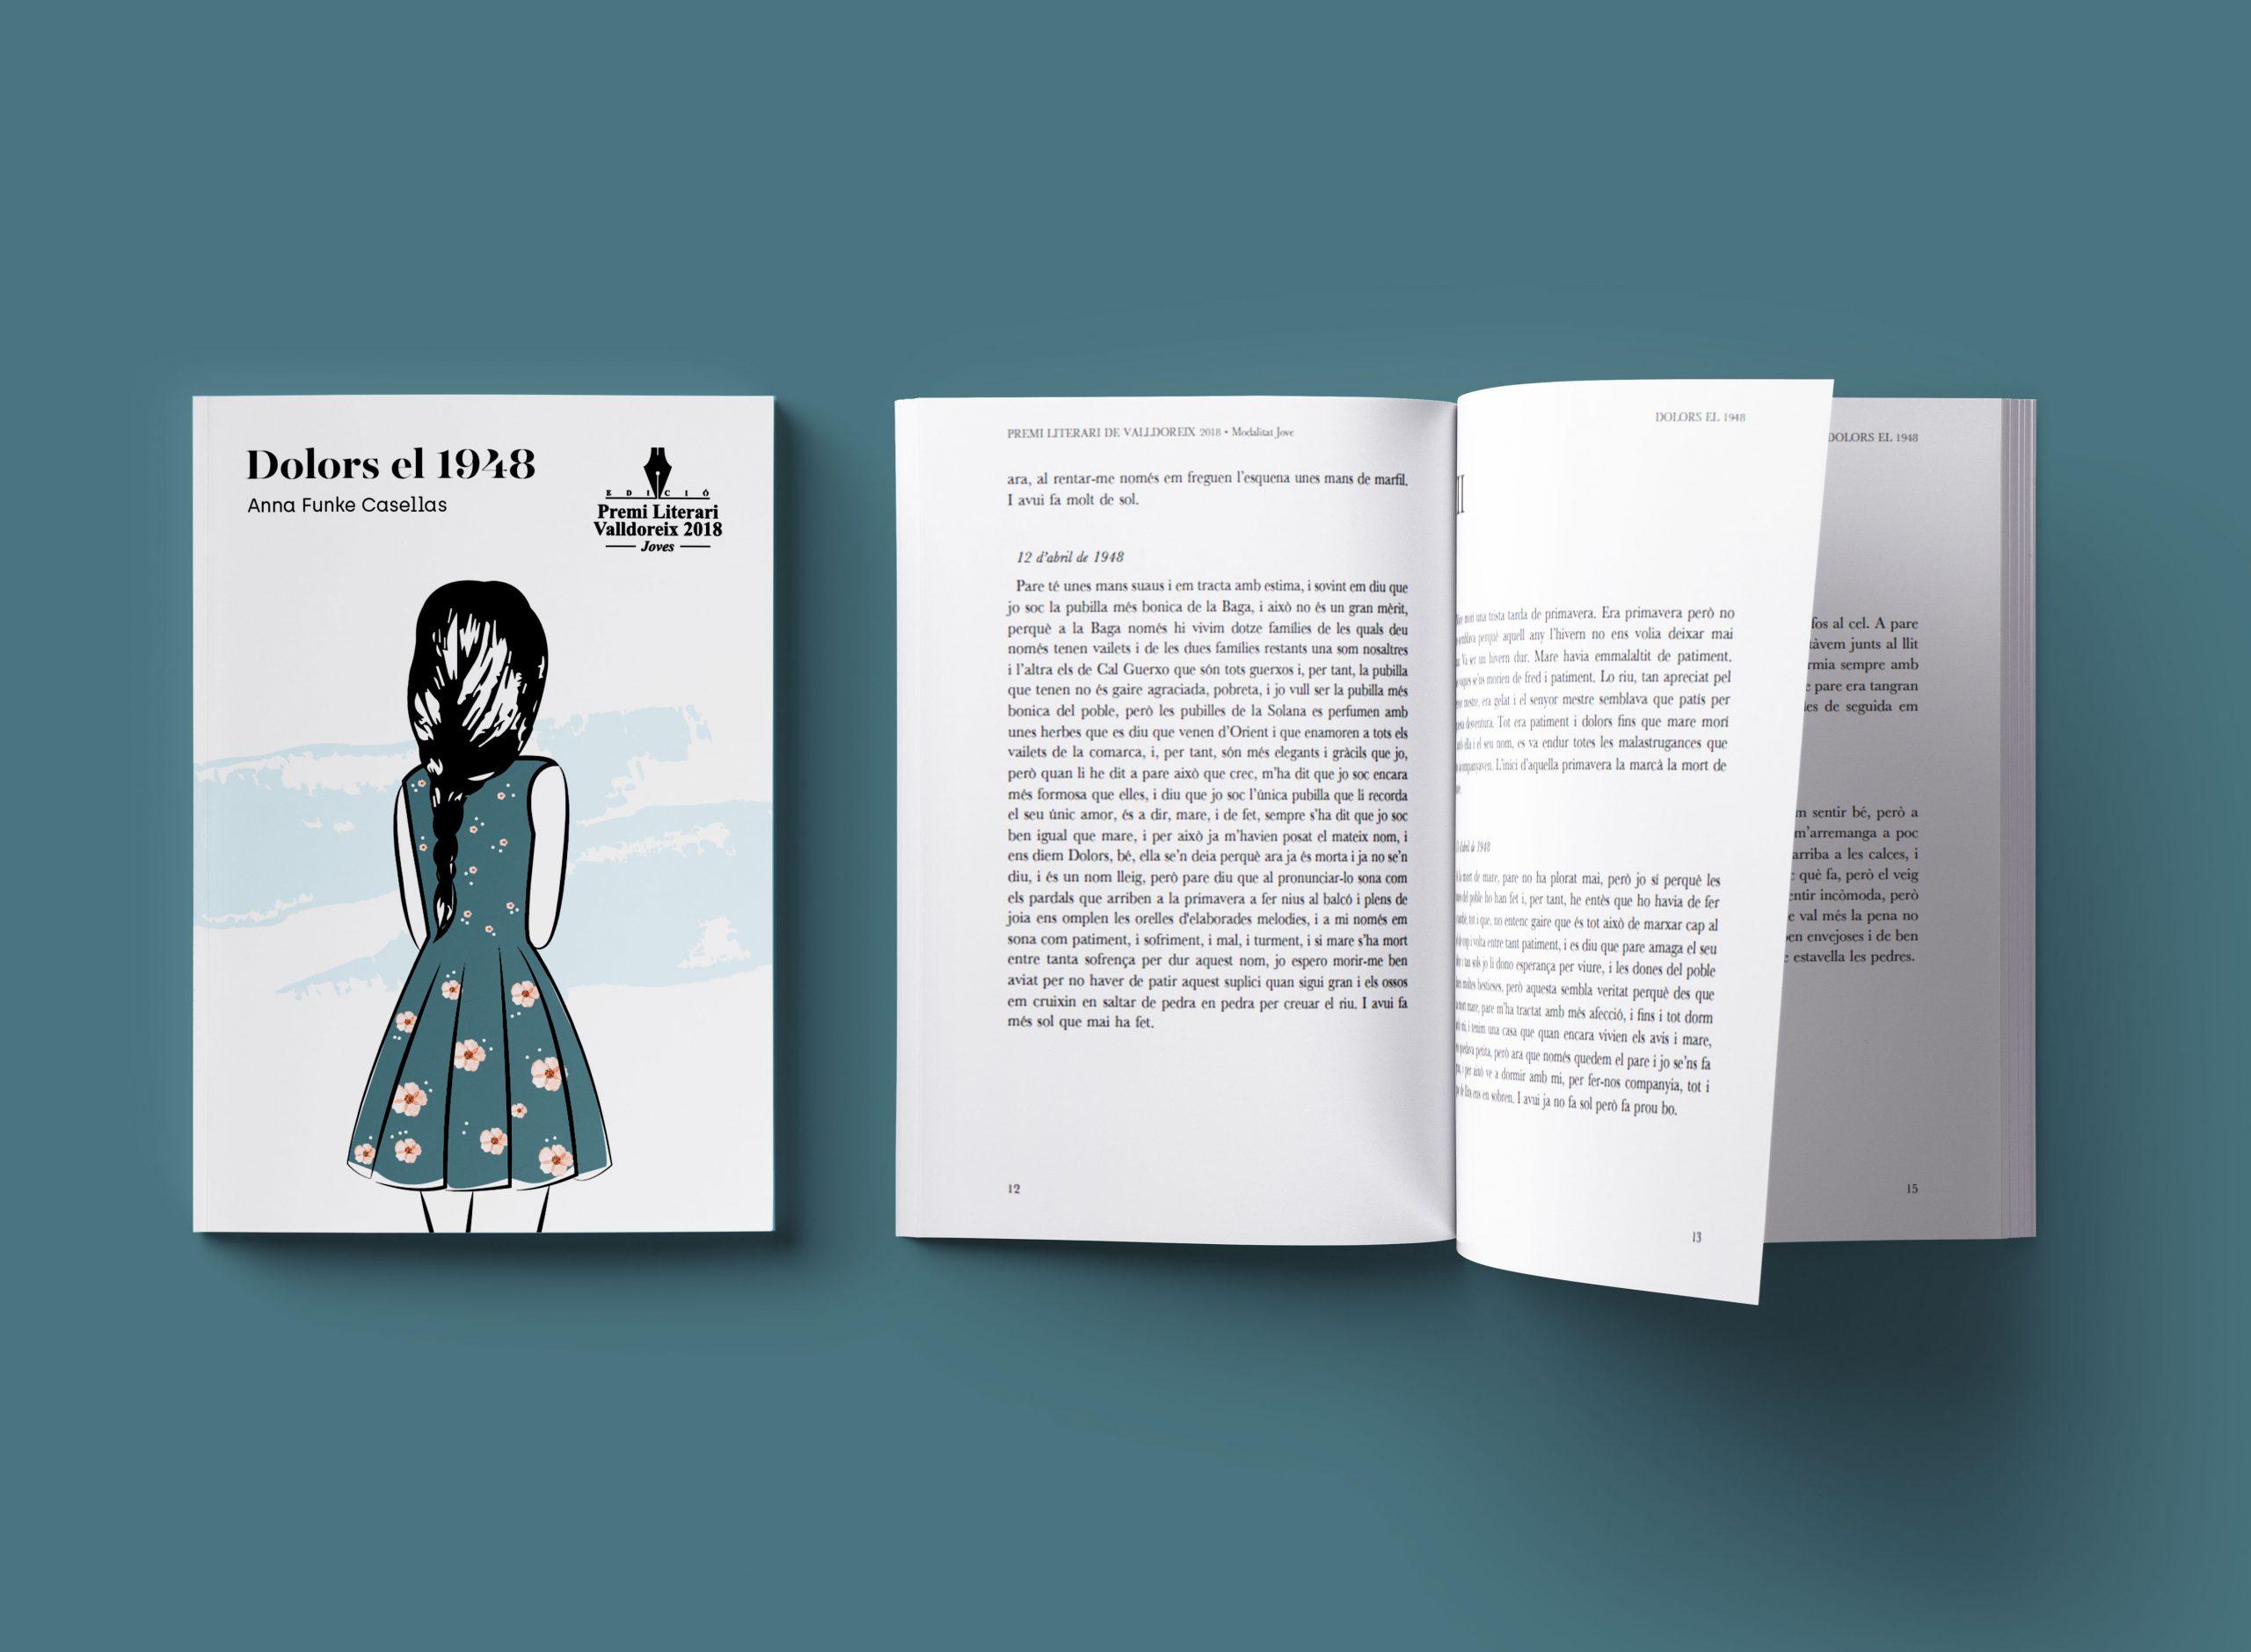 Premi Literari Valldoreix